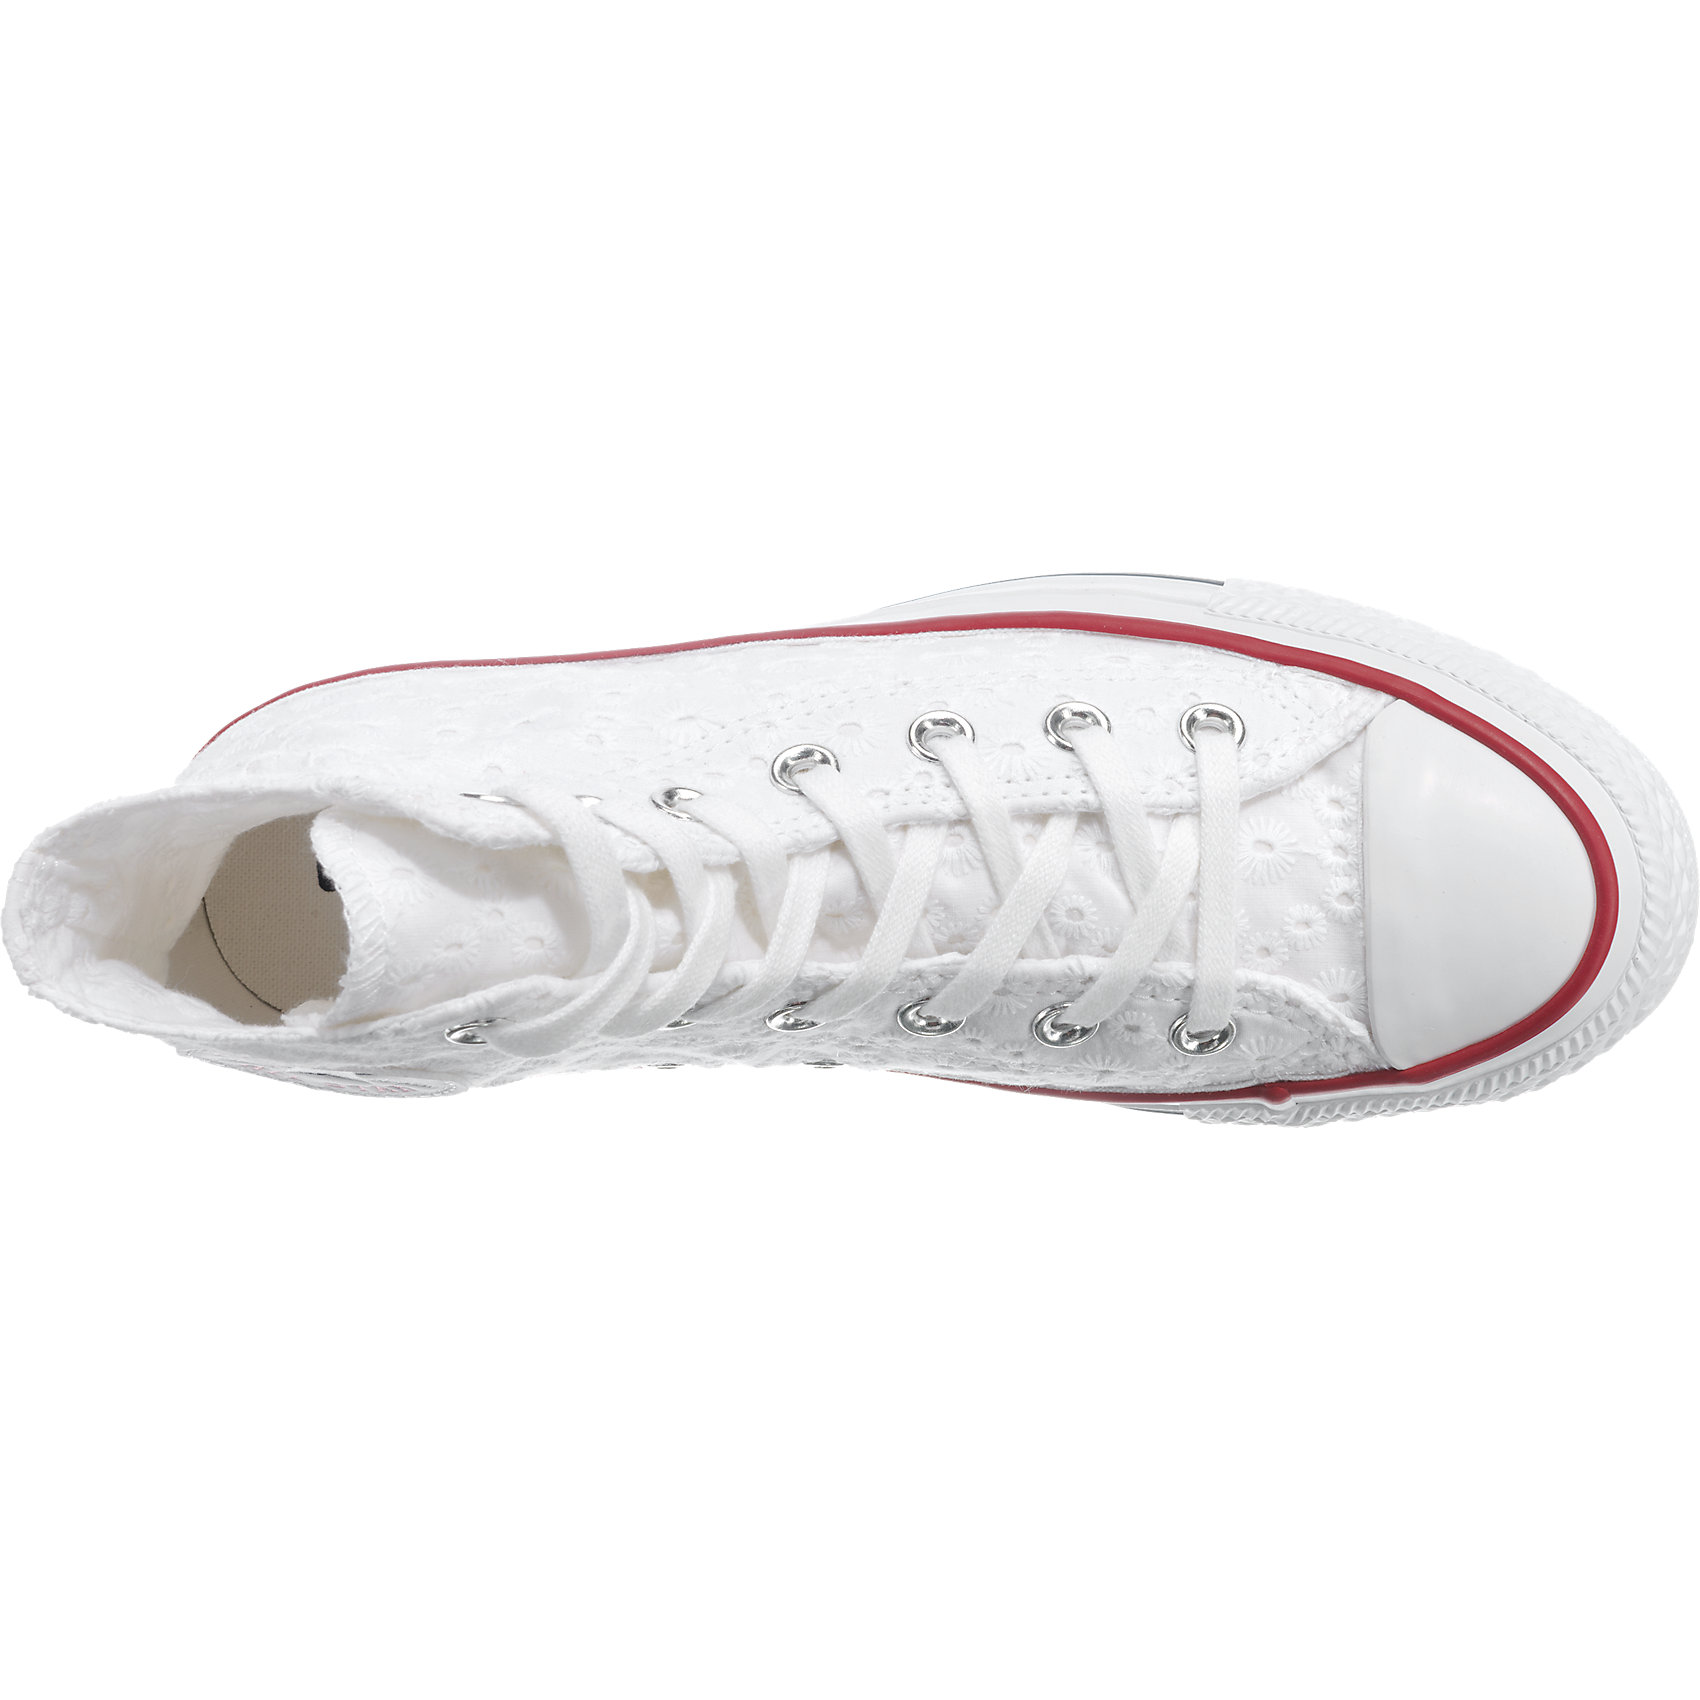 Neu CONVERSE Chuck 5773285 Taylor All Star Ox Sneakers weiß 5773285 Chuck cdcf30